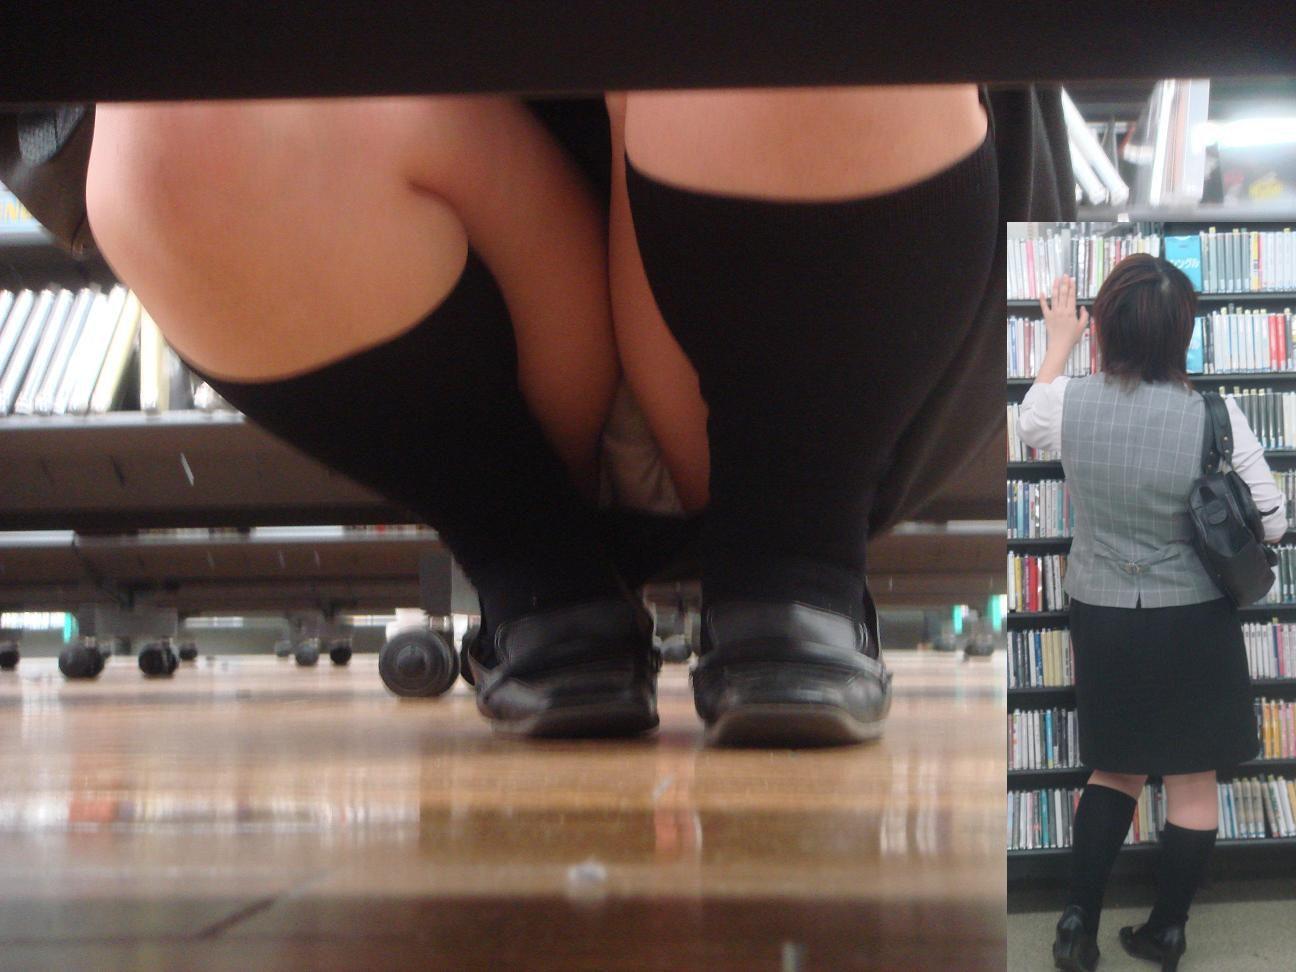 レンタルショップで女性客のパンツ撮影してるパンチラ画像 7n8iO7fGiGTj3uBF